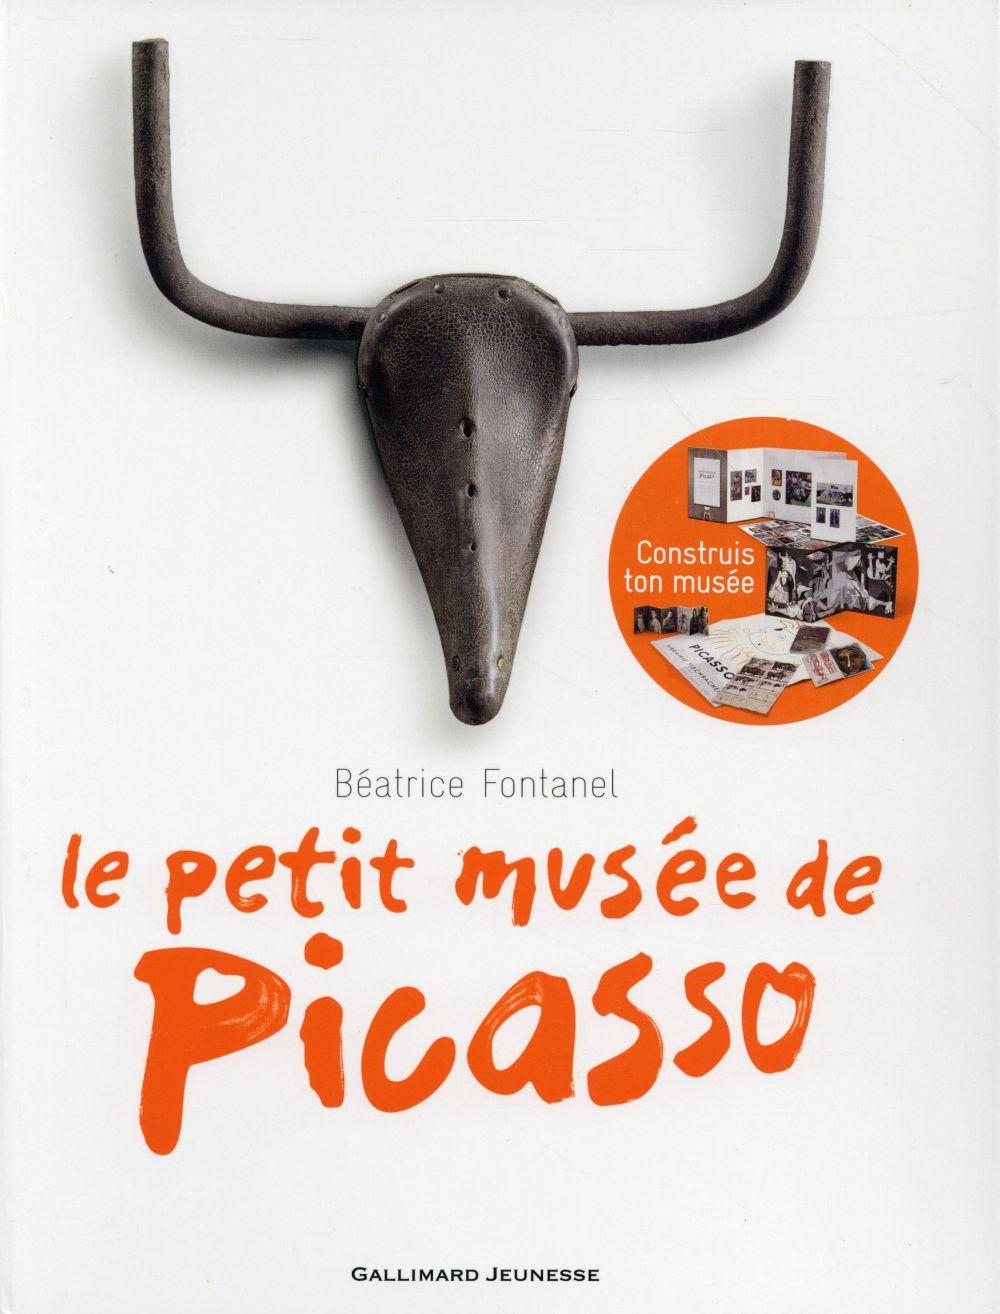 La Pépite du livre d'art/documentaire - Ex-aequo : « Le Petit Musée de Picasso » de Béatrice Fontanel, (Gallimard Jeunesse)